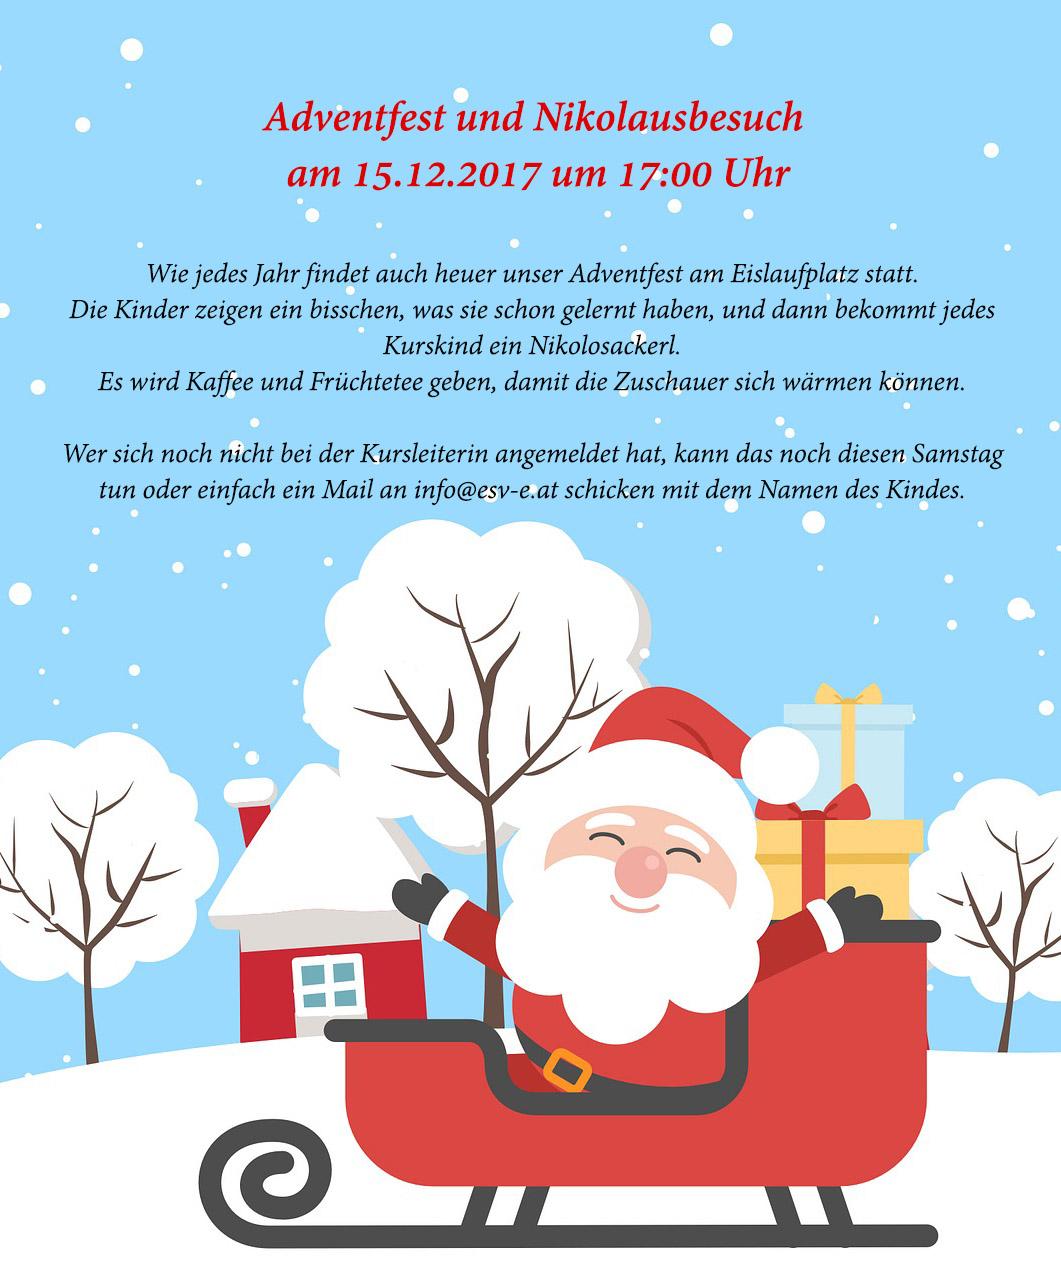 Adventfest und Nikolausbesuch  15.12.2017 um 17:00 Uhr